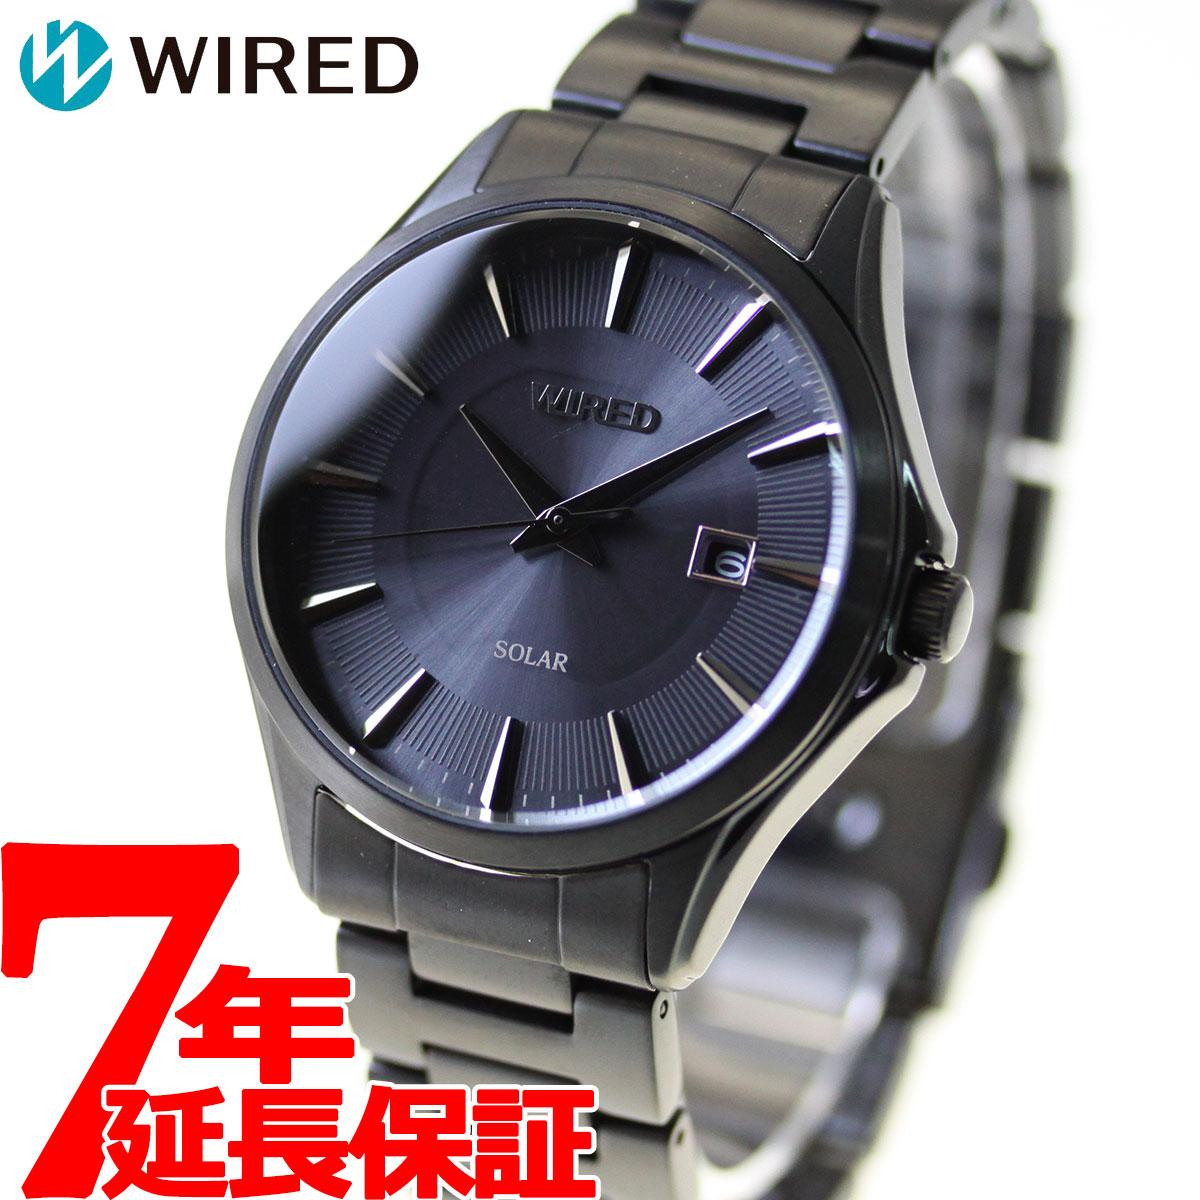 腕時計, メンズ腕時計 35.5 SEIKO WIRED AGAD4122021